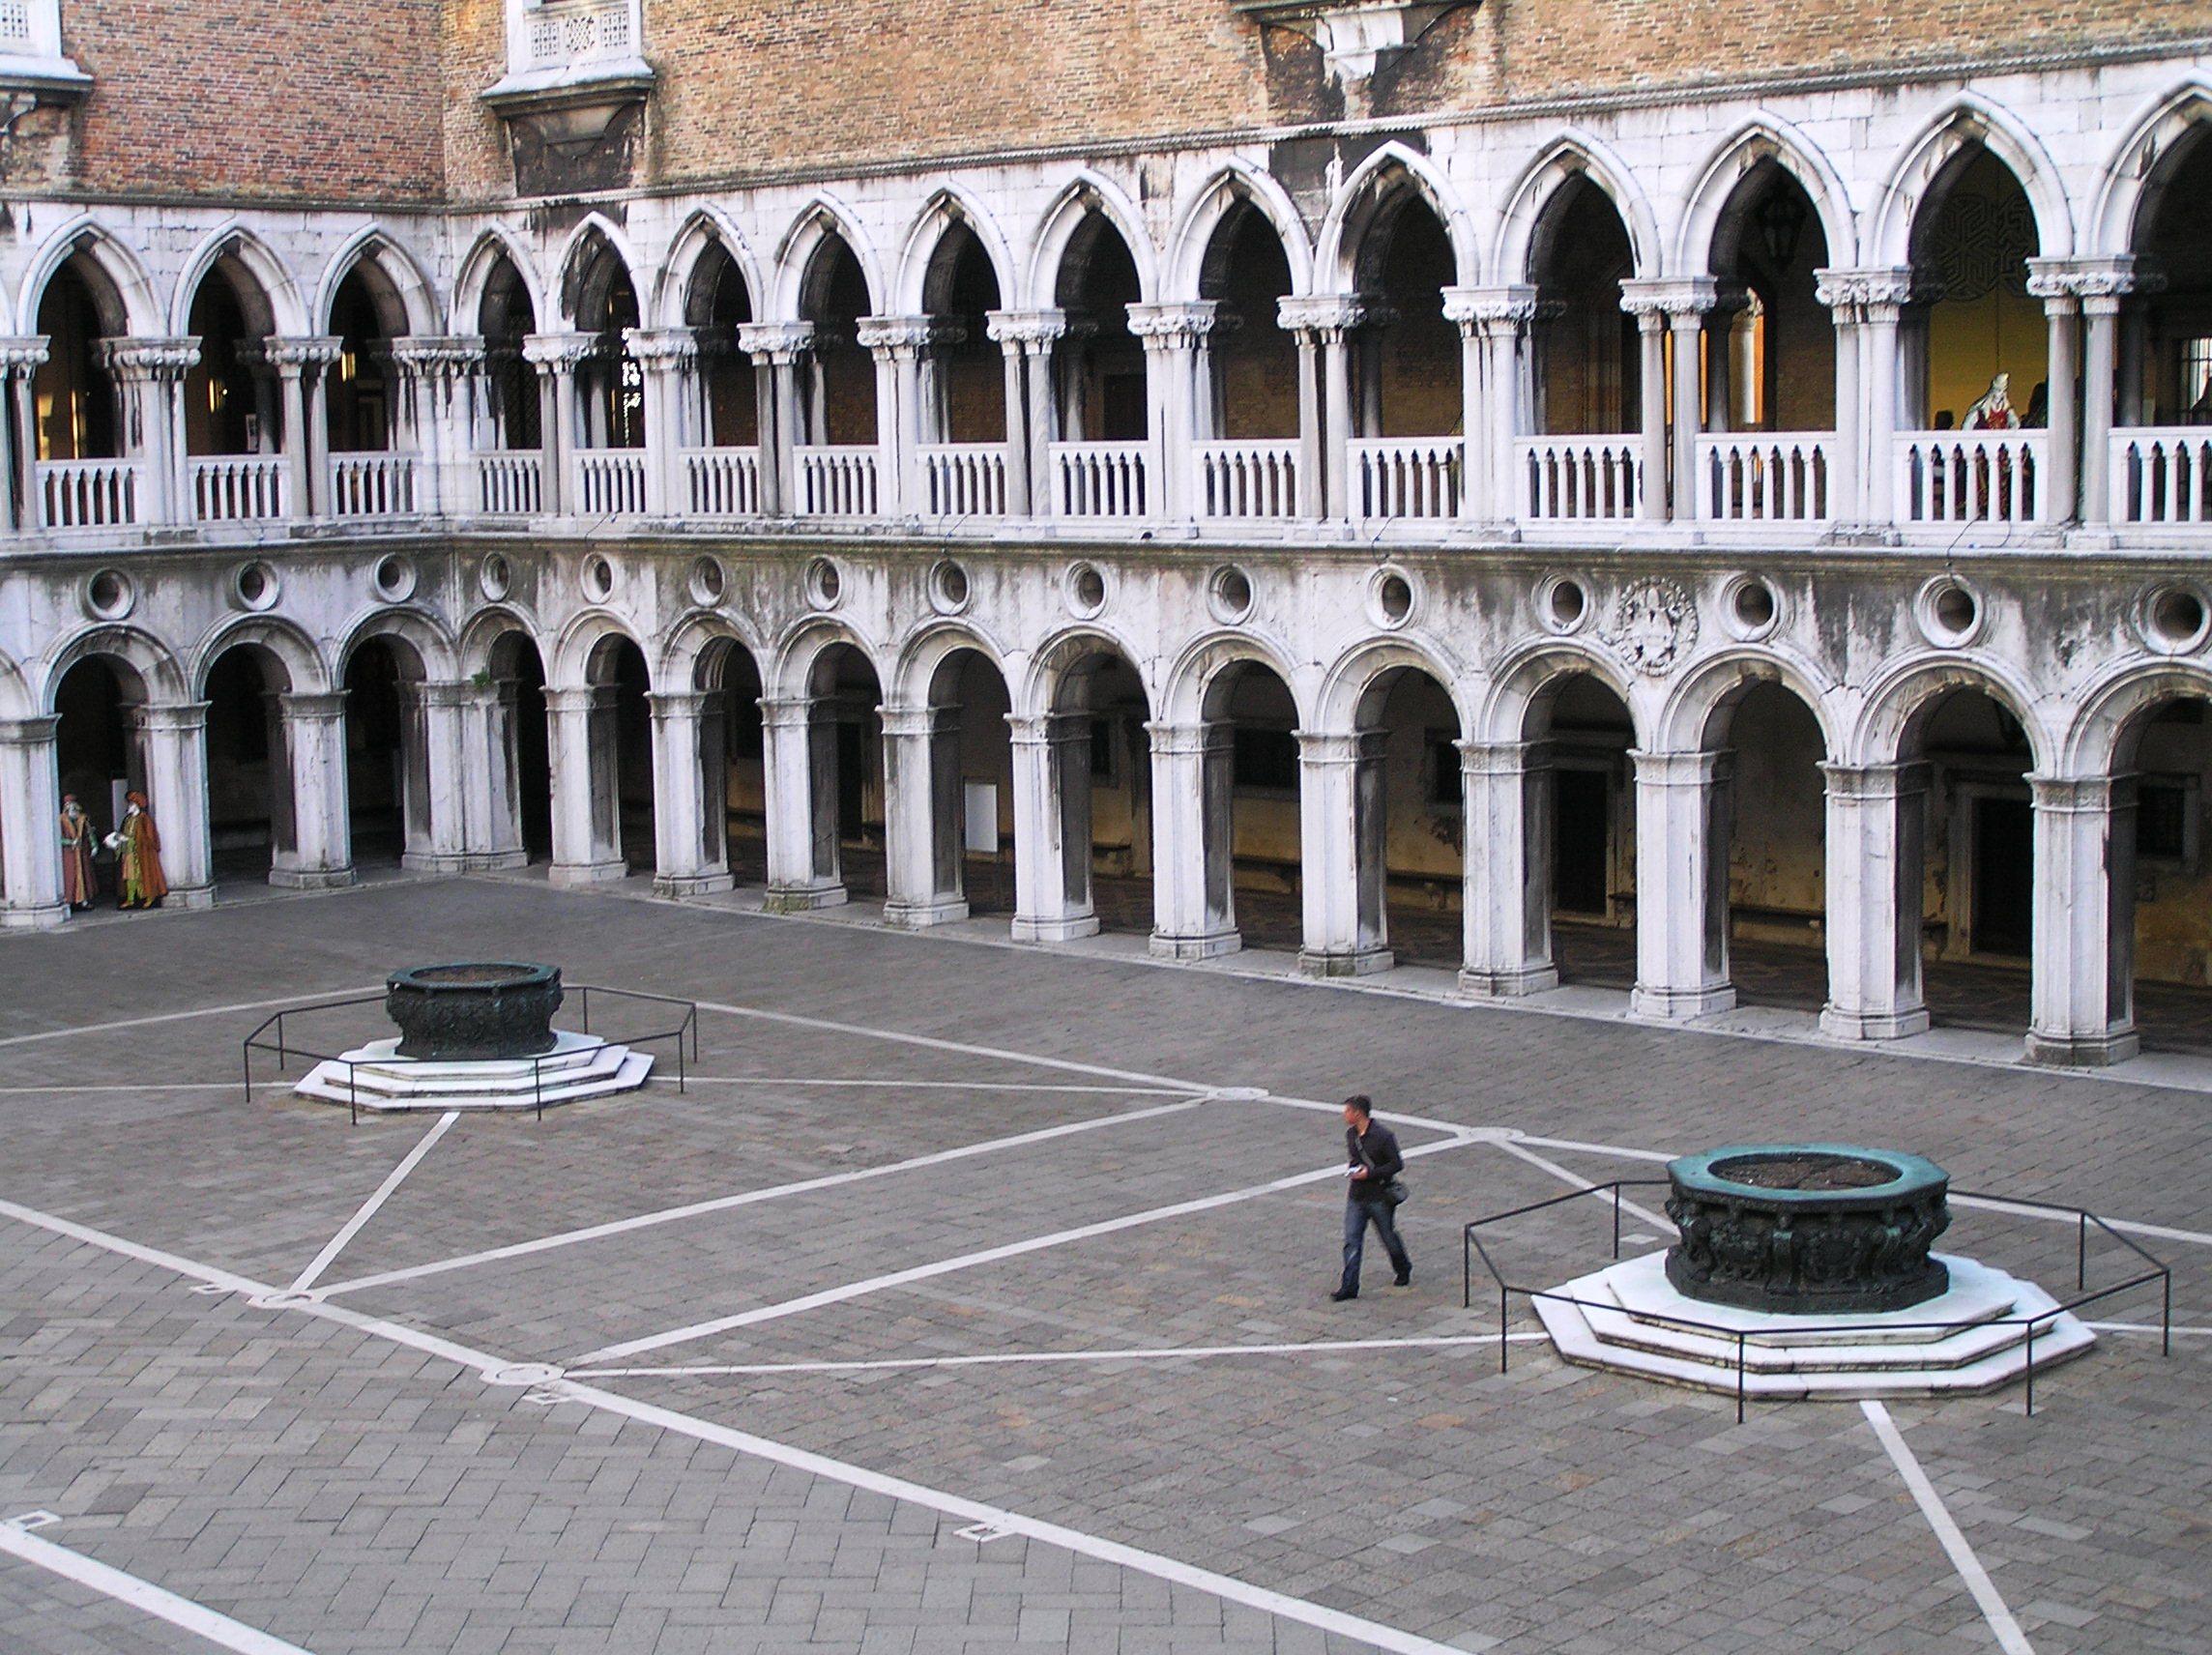 Itálie, Benátky, Dóžecí palác, arkády vnitřního nádvoří